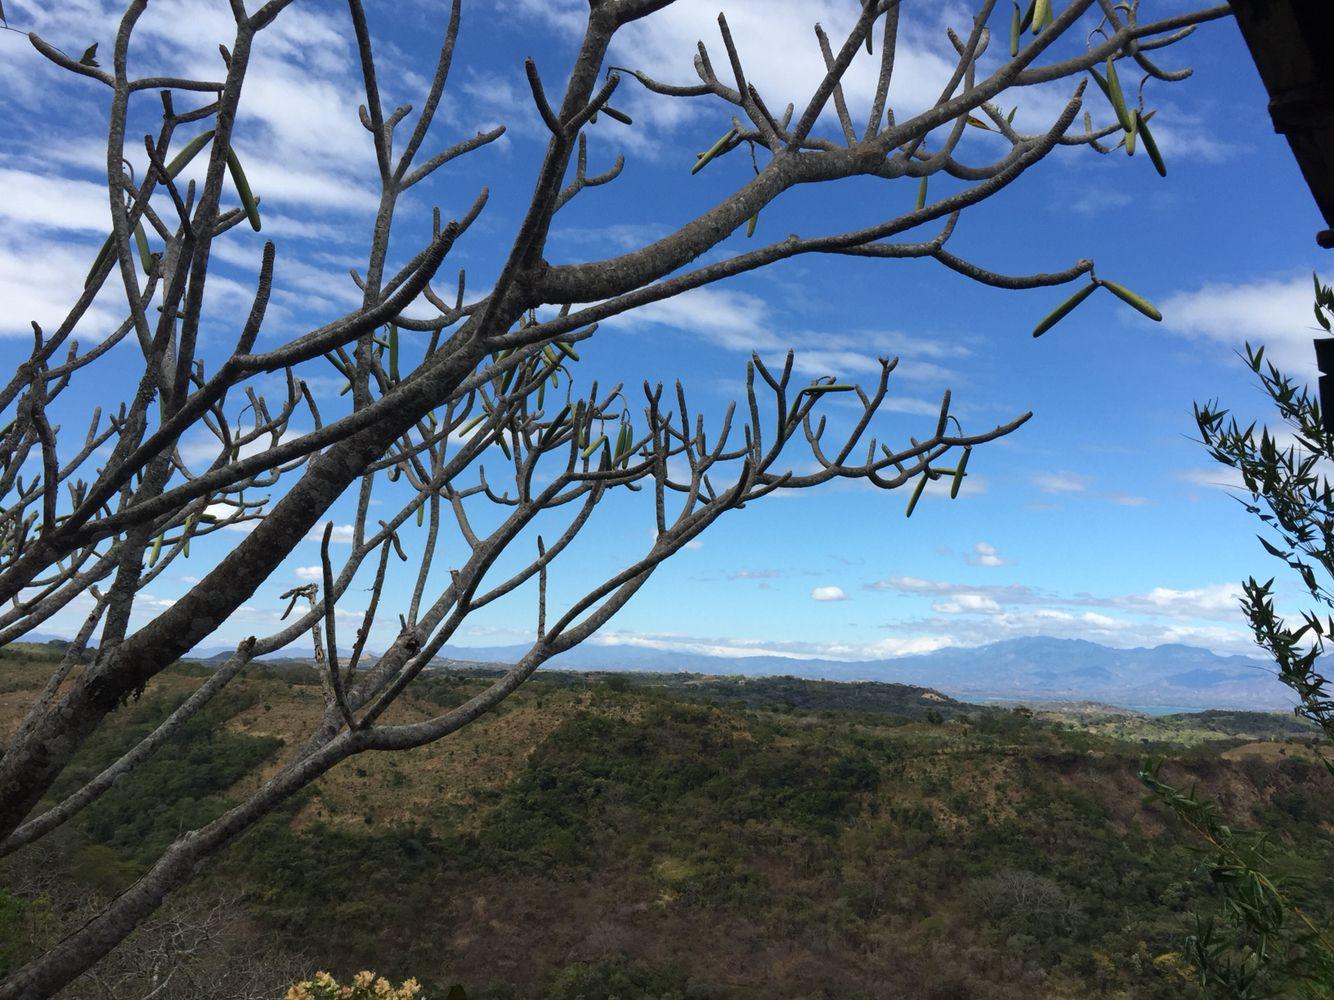 Y a lo lejos se mira nublado El Pital, el pico mas alto de El Savador, ubicado en las montañas de Chalatenango | suchitoto.tours@gmail.com